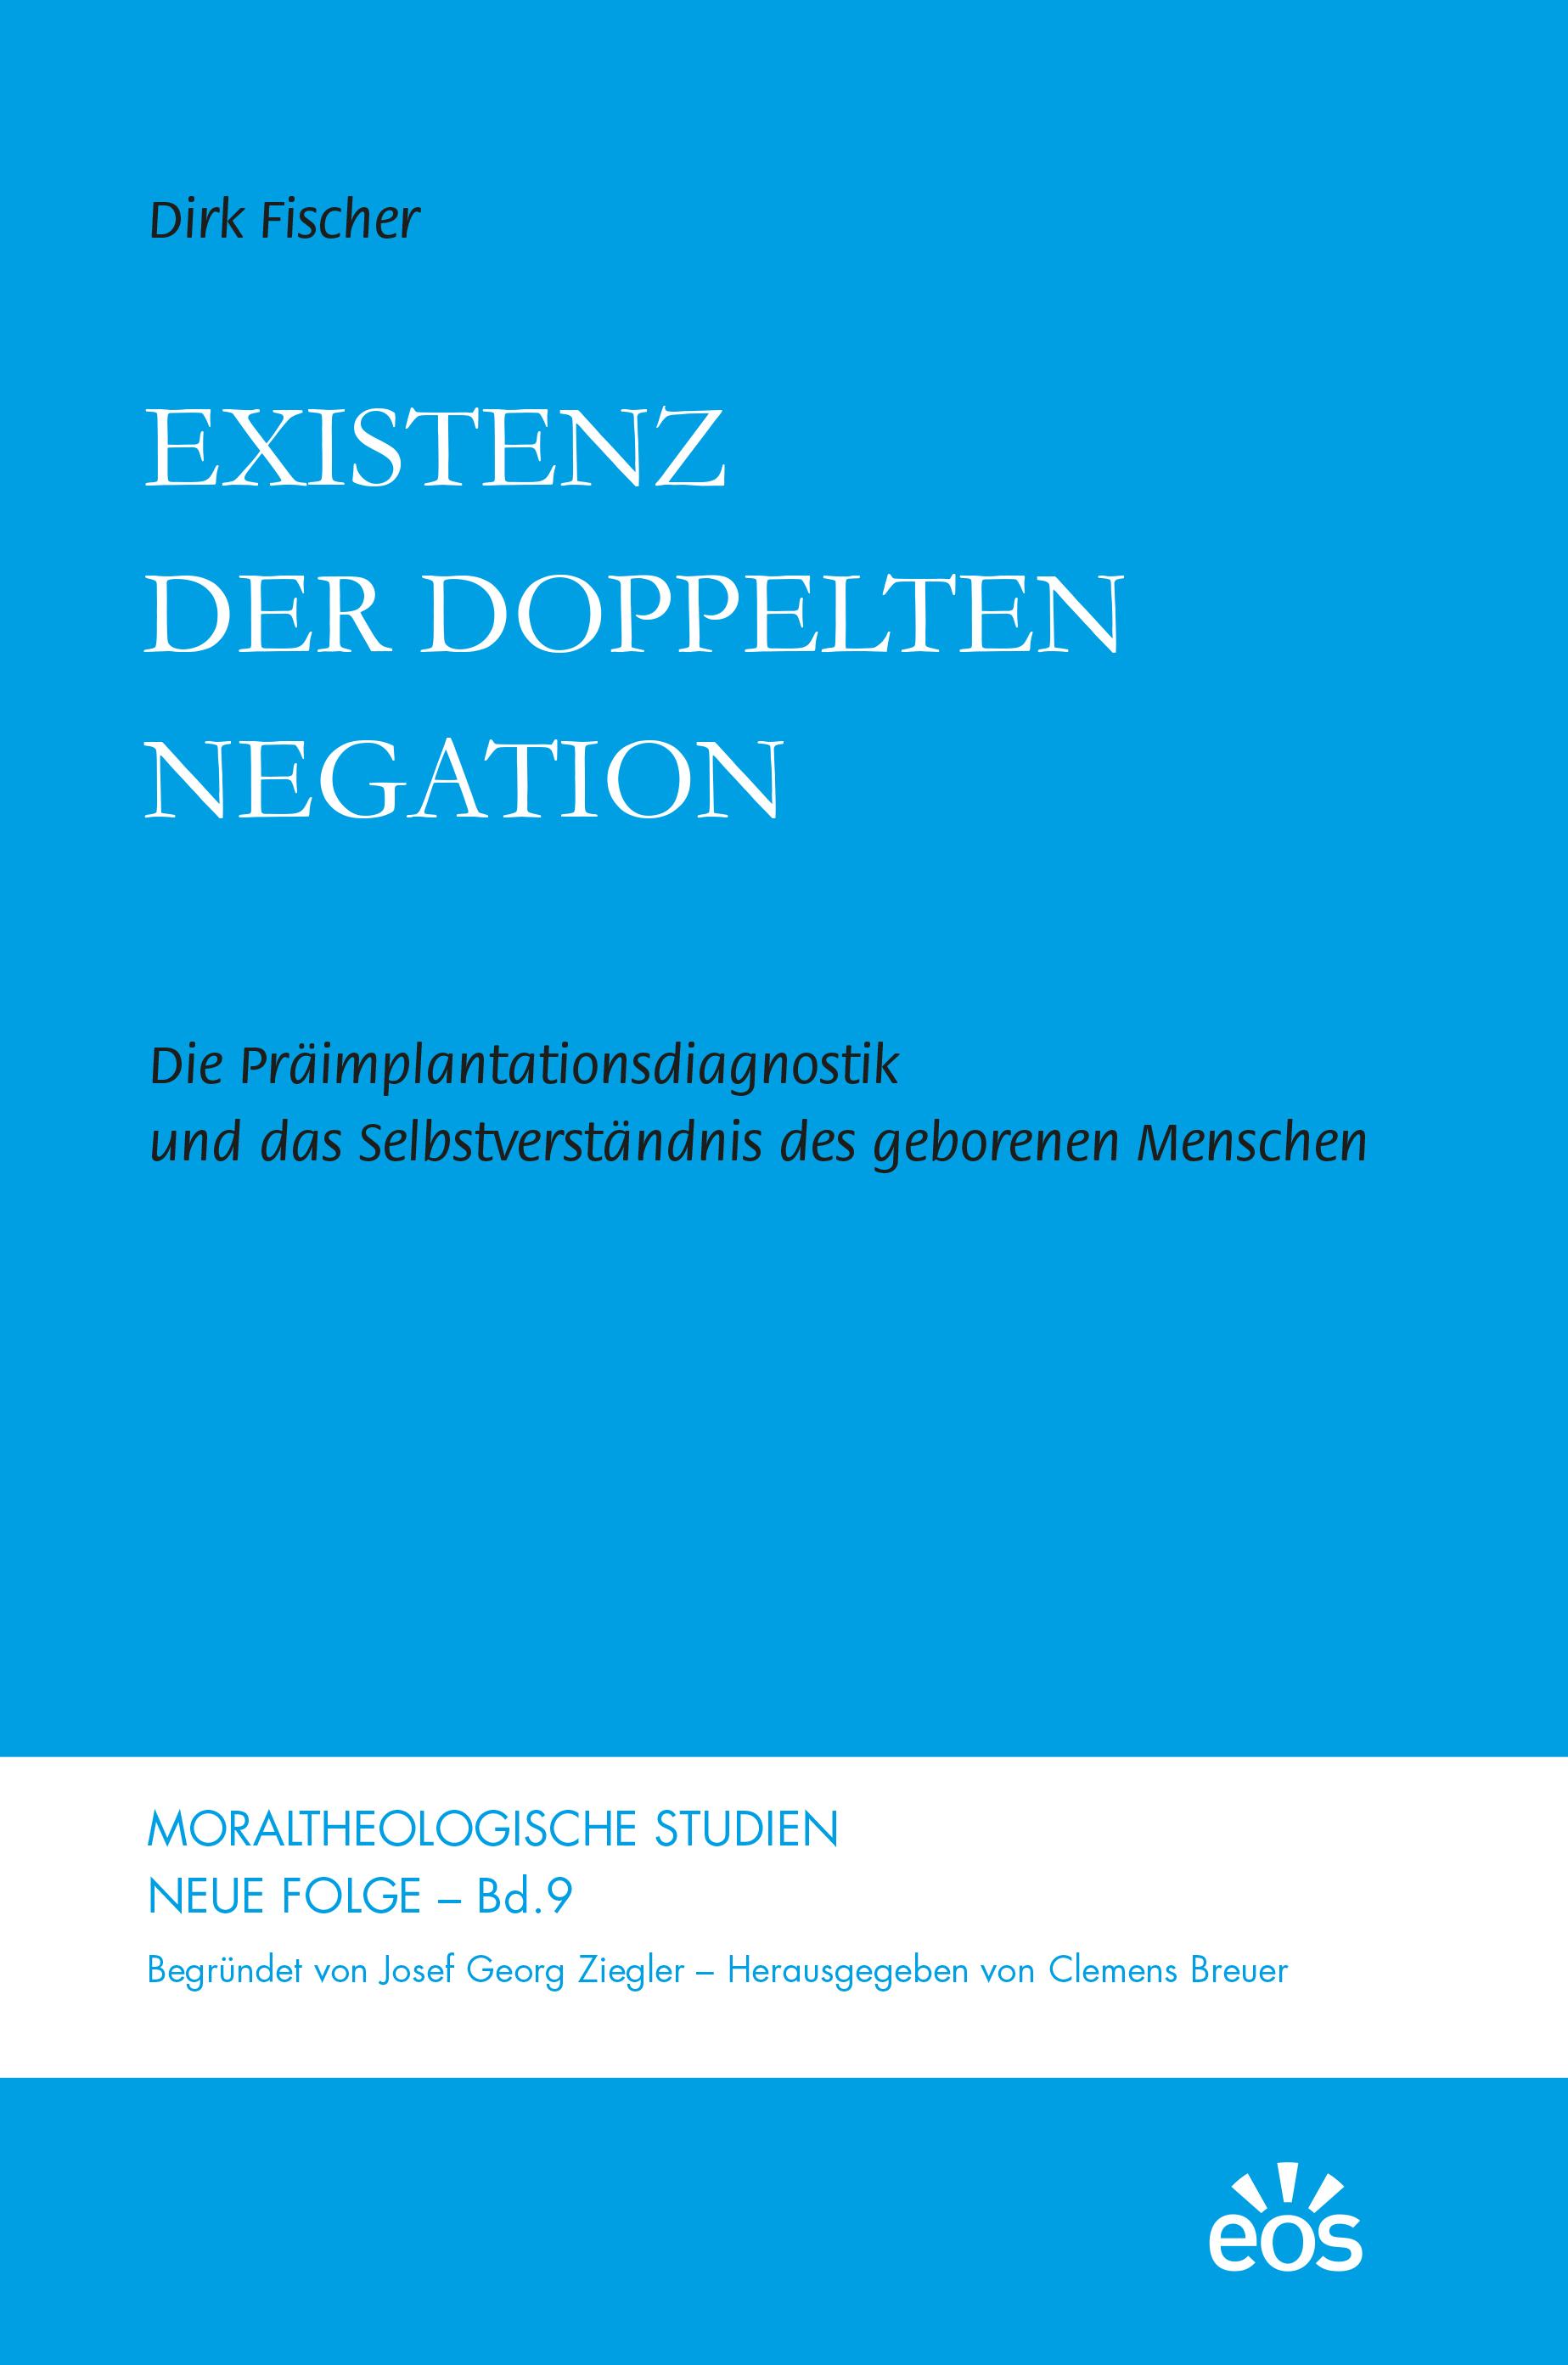 Existenz der doppelten Negation